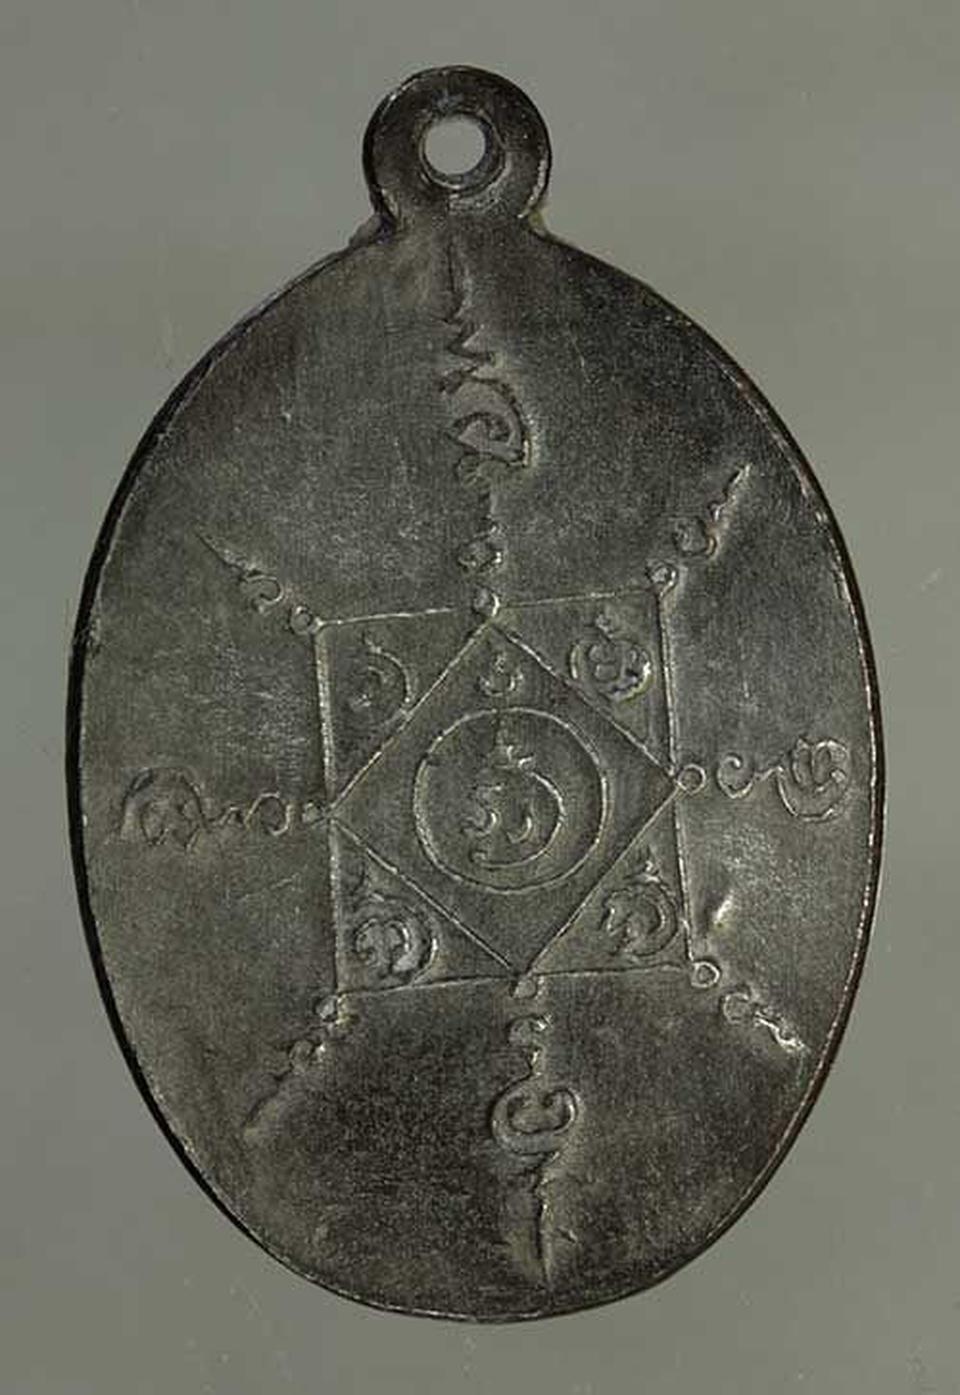 เหรียญ พ่อท่านคล้าย เนื้อเงิน  j109 รูปที่ 2